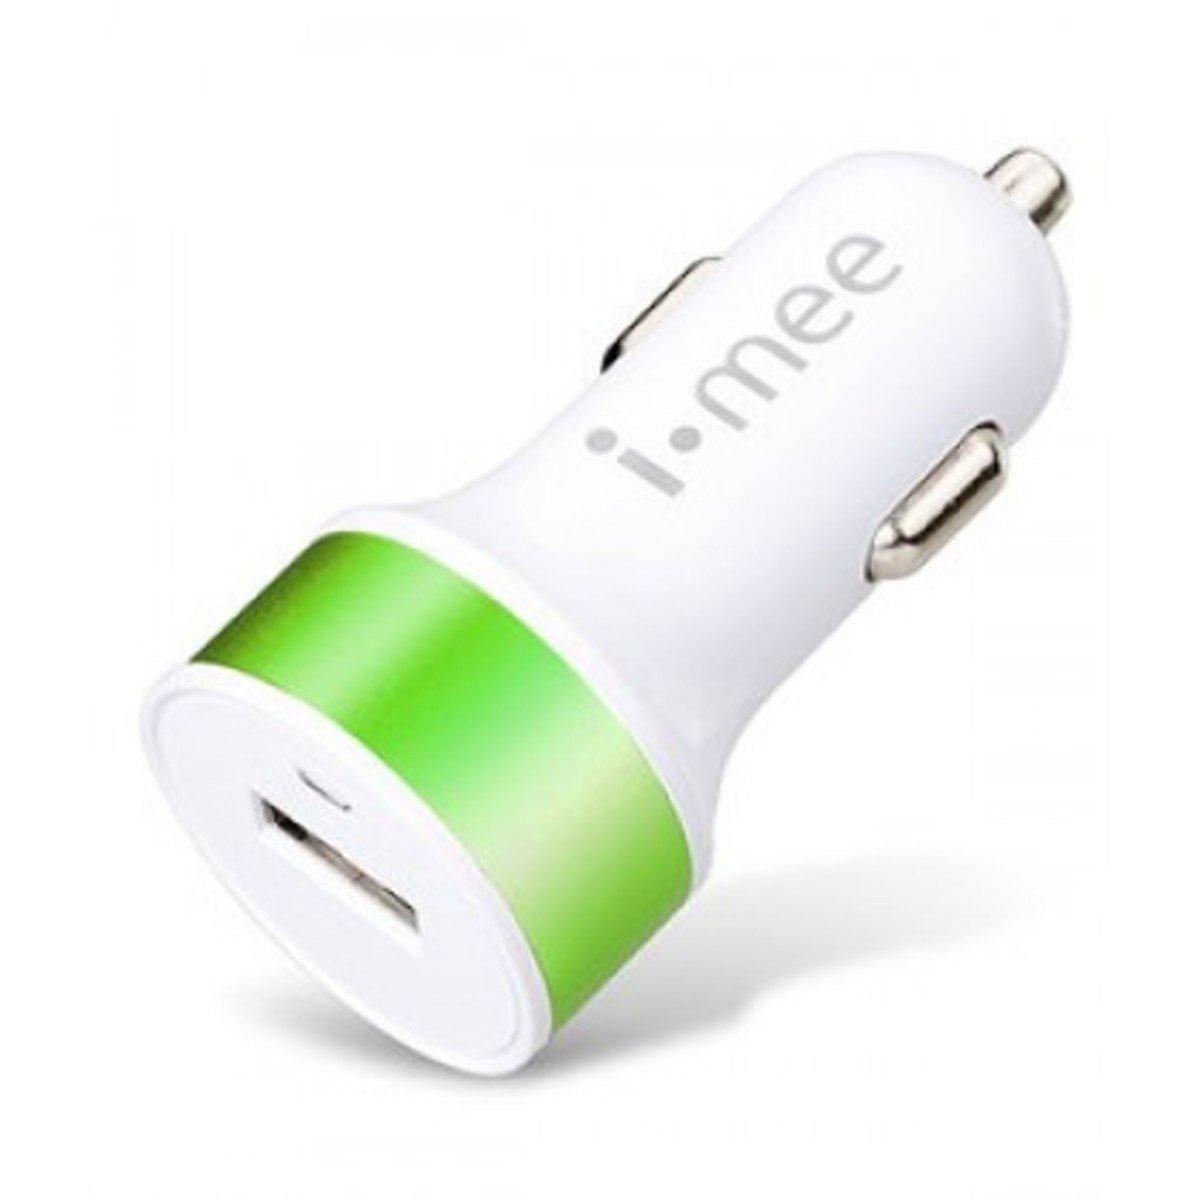 2.1A汽車充電器(適合大部分手機裝置)-綠色